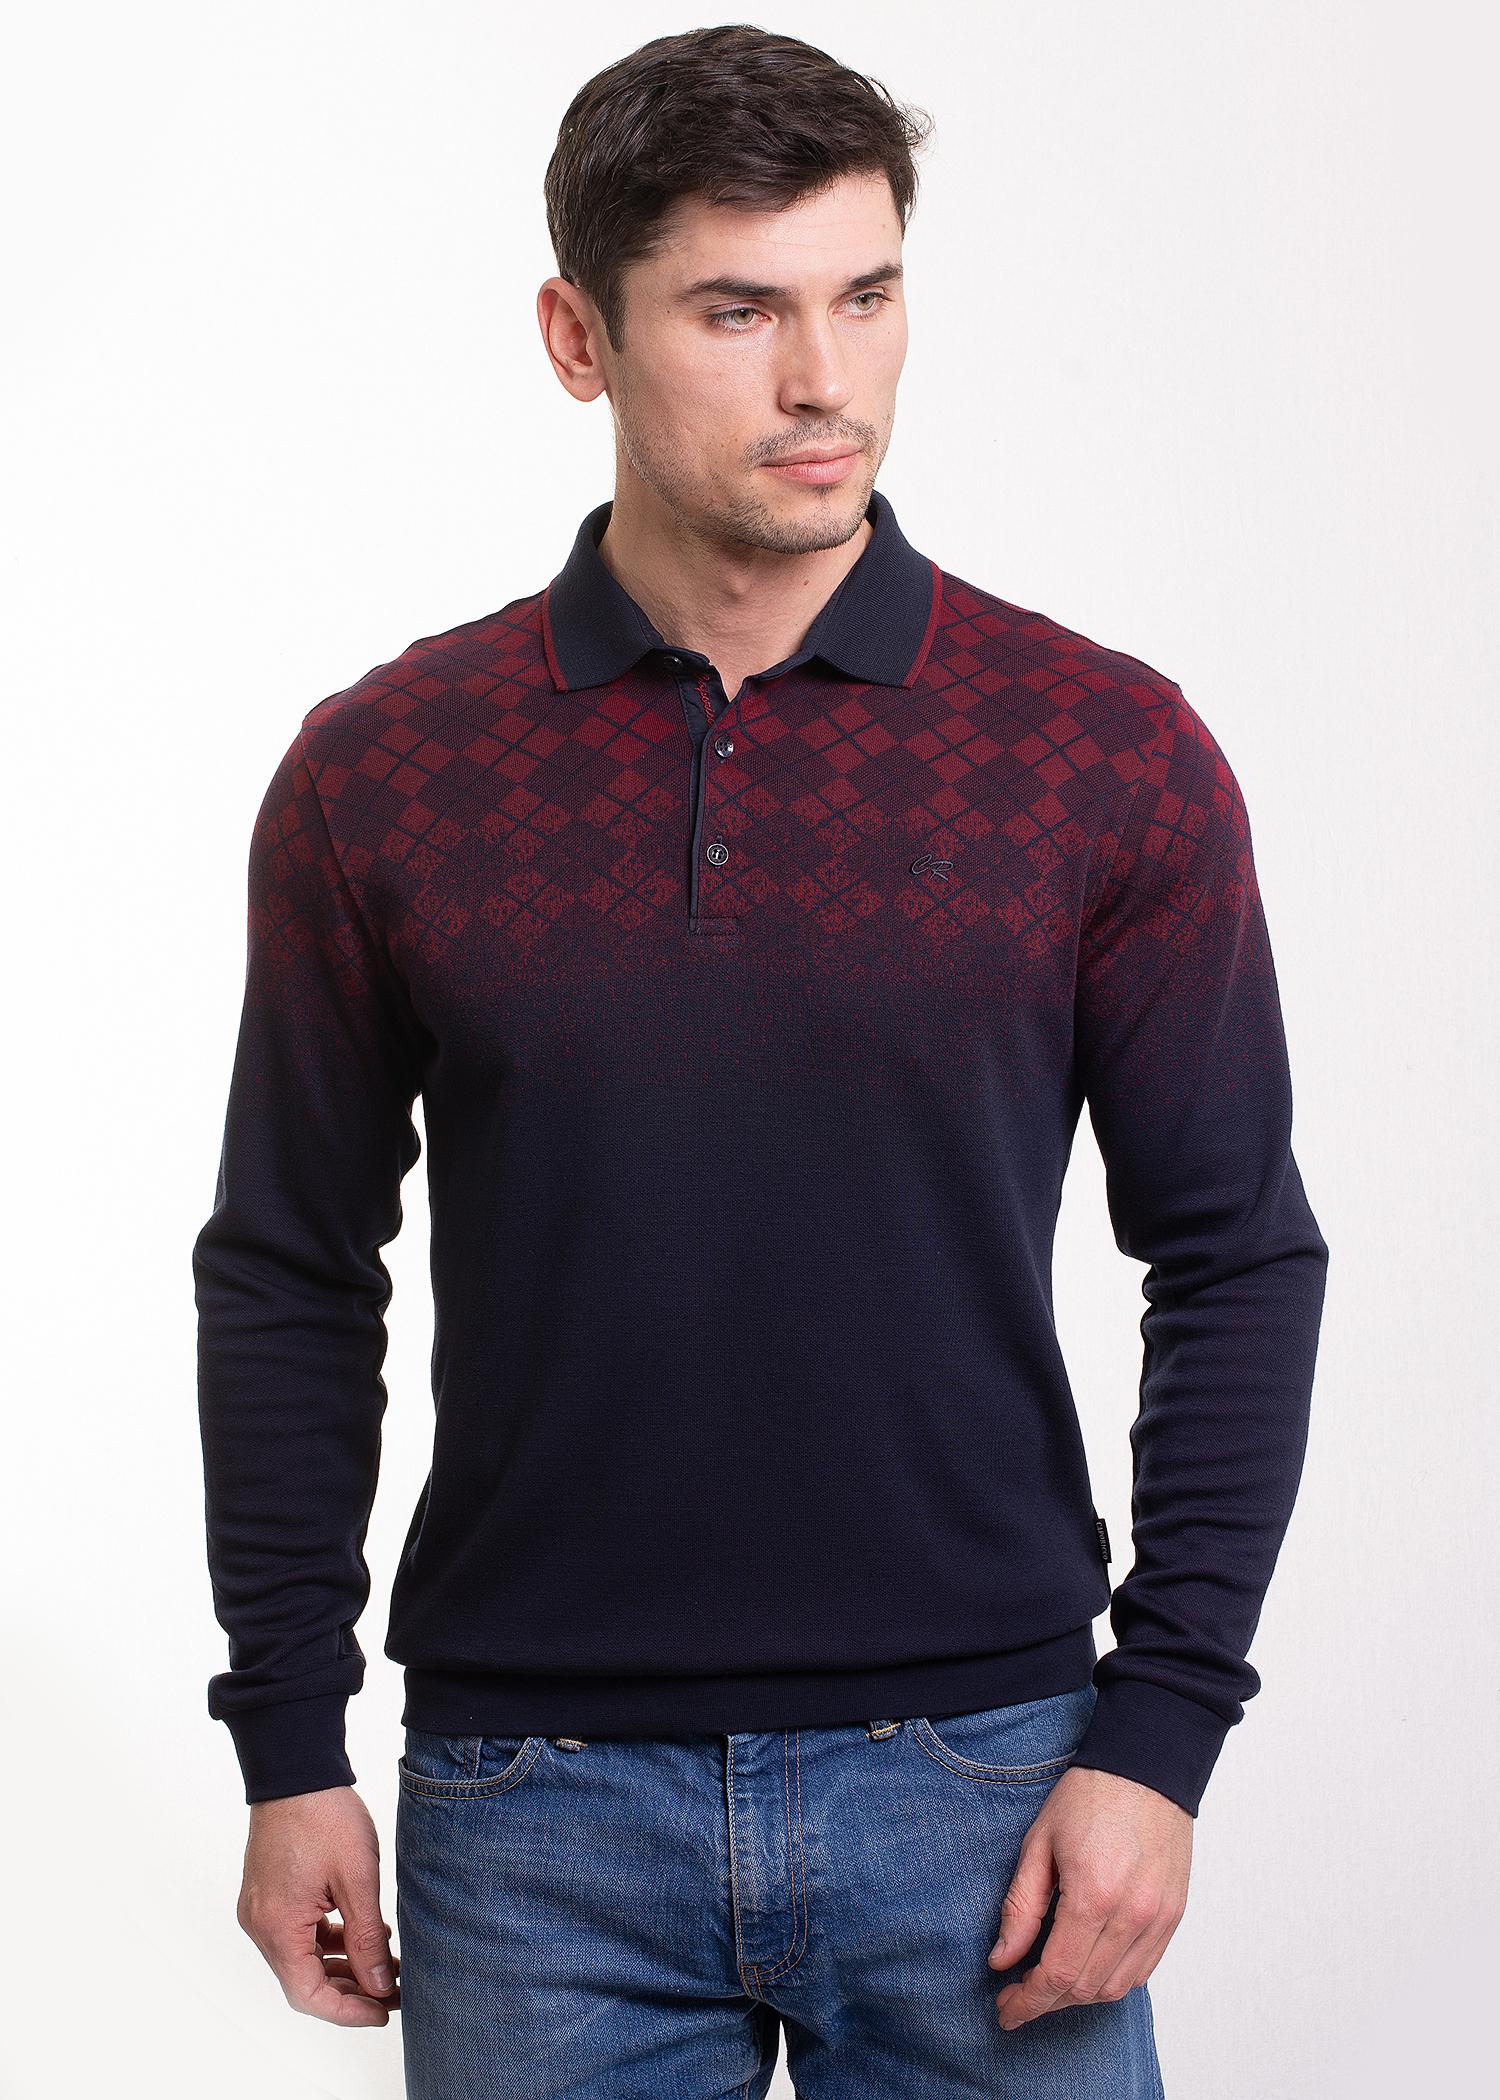 Рубашка поло Caporicco в А. 9025  купить оптом в Москве